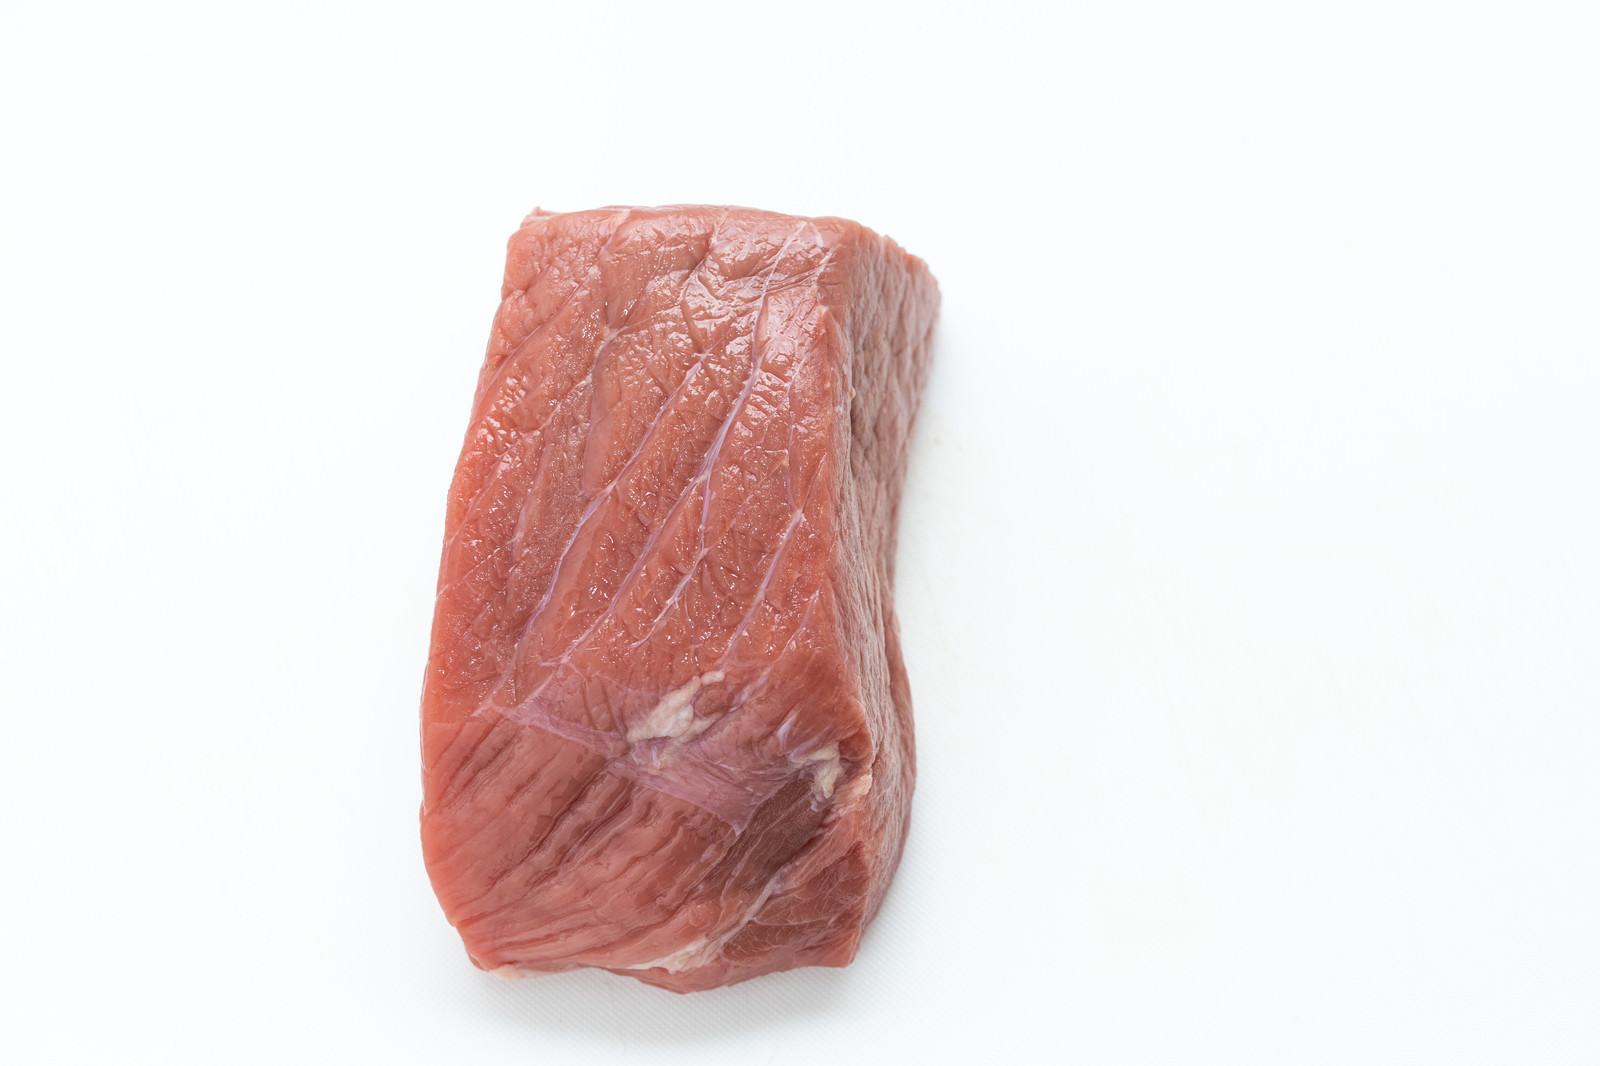 「真上から見たかたまりブロック肉」の写真